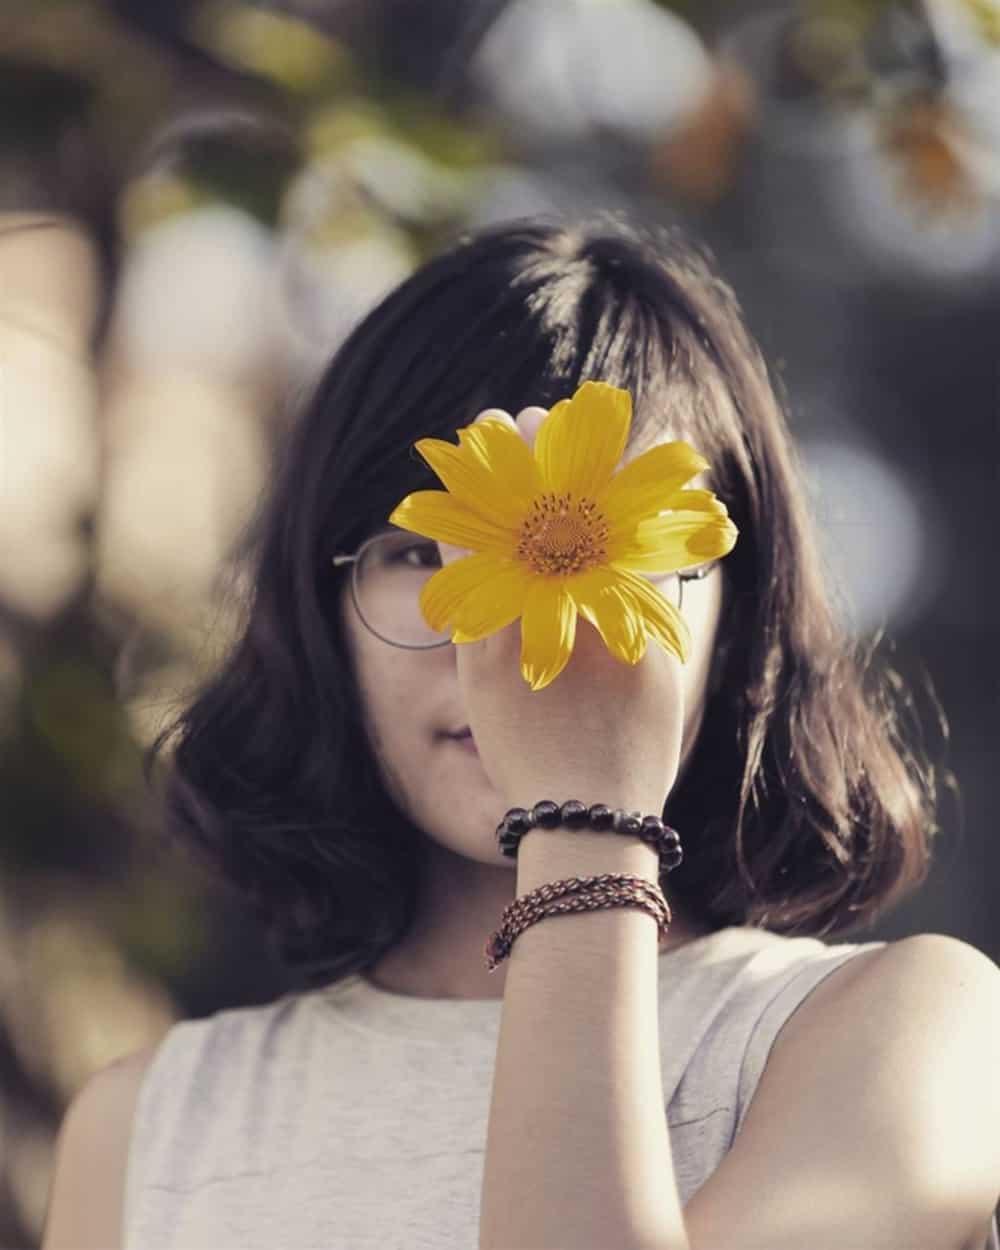 Dùng hoa che mặt khiến bức ảnh có chiều sâu hơn